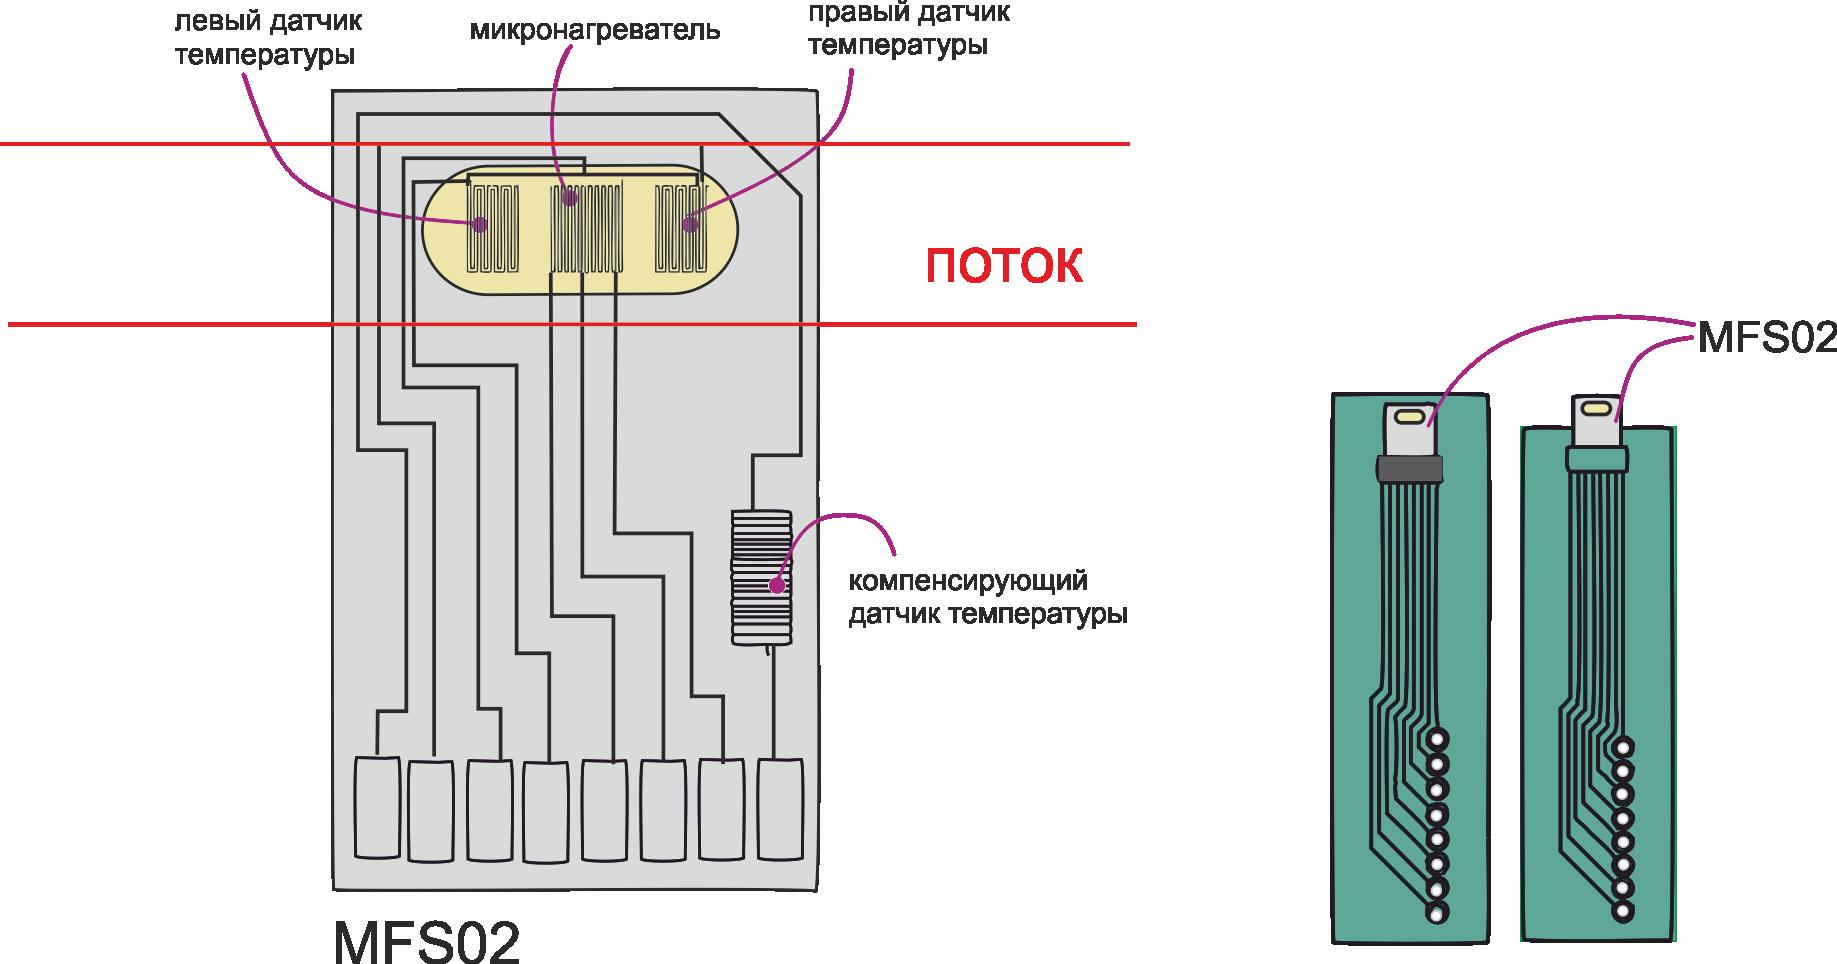 Об измерении скорости потока жидкостей и газов - 11